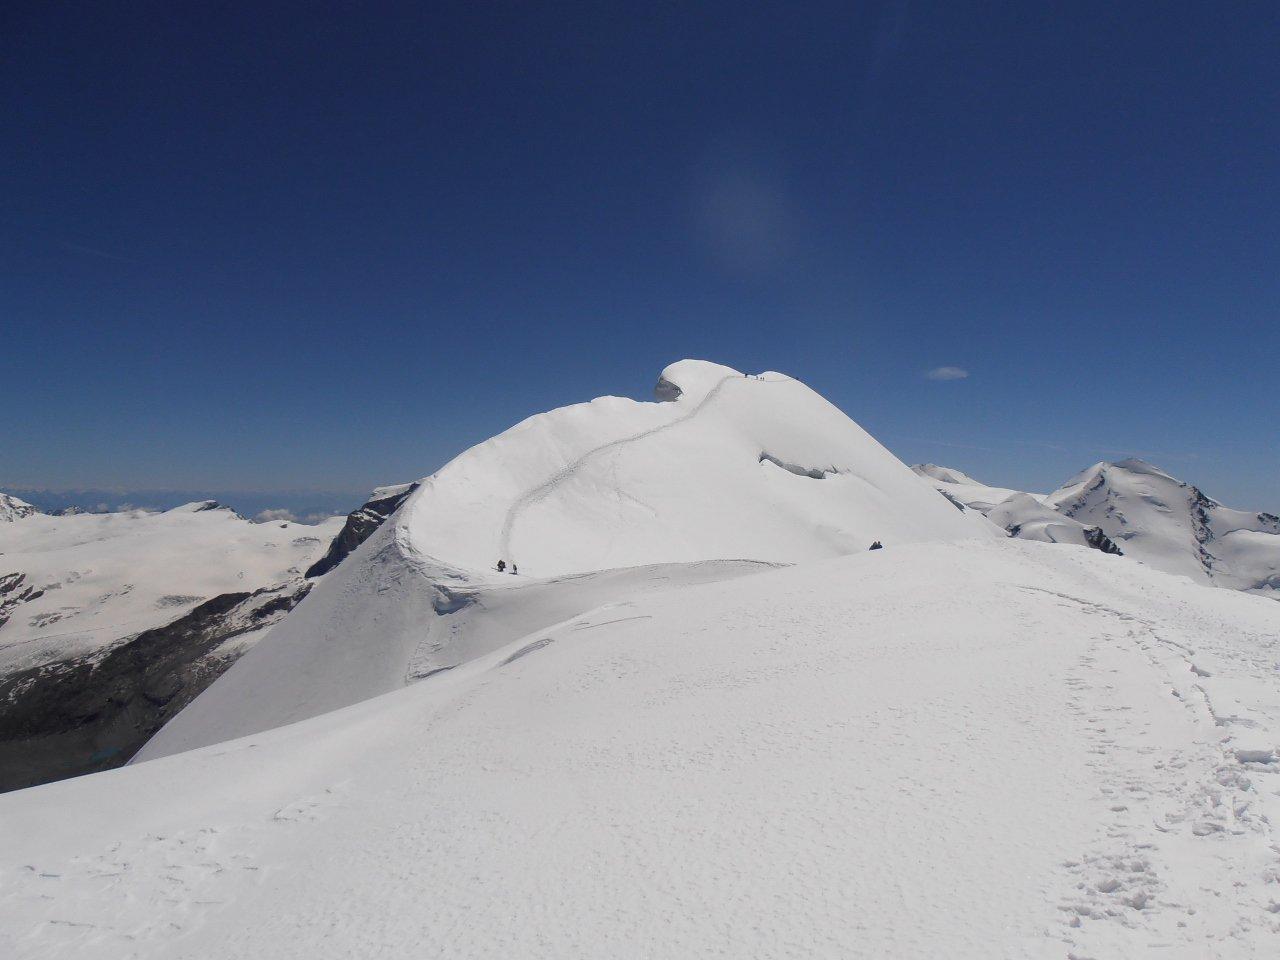 02 - la cima del Breithorn Centrale con le sue impressionanti cornici